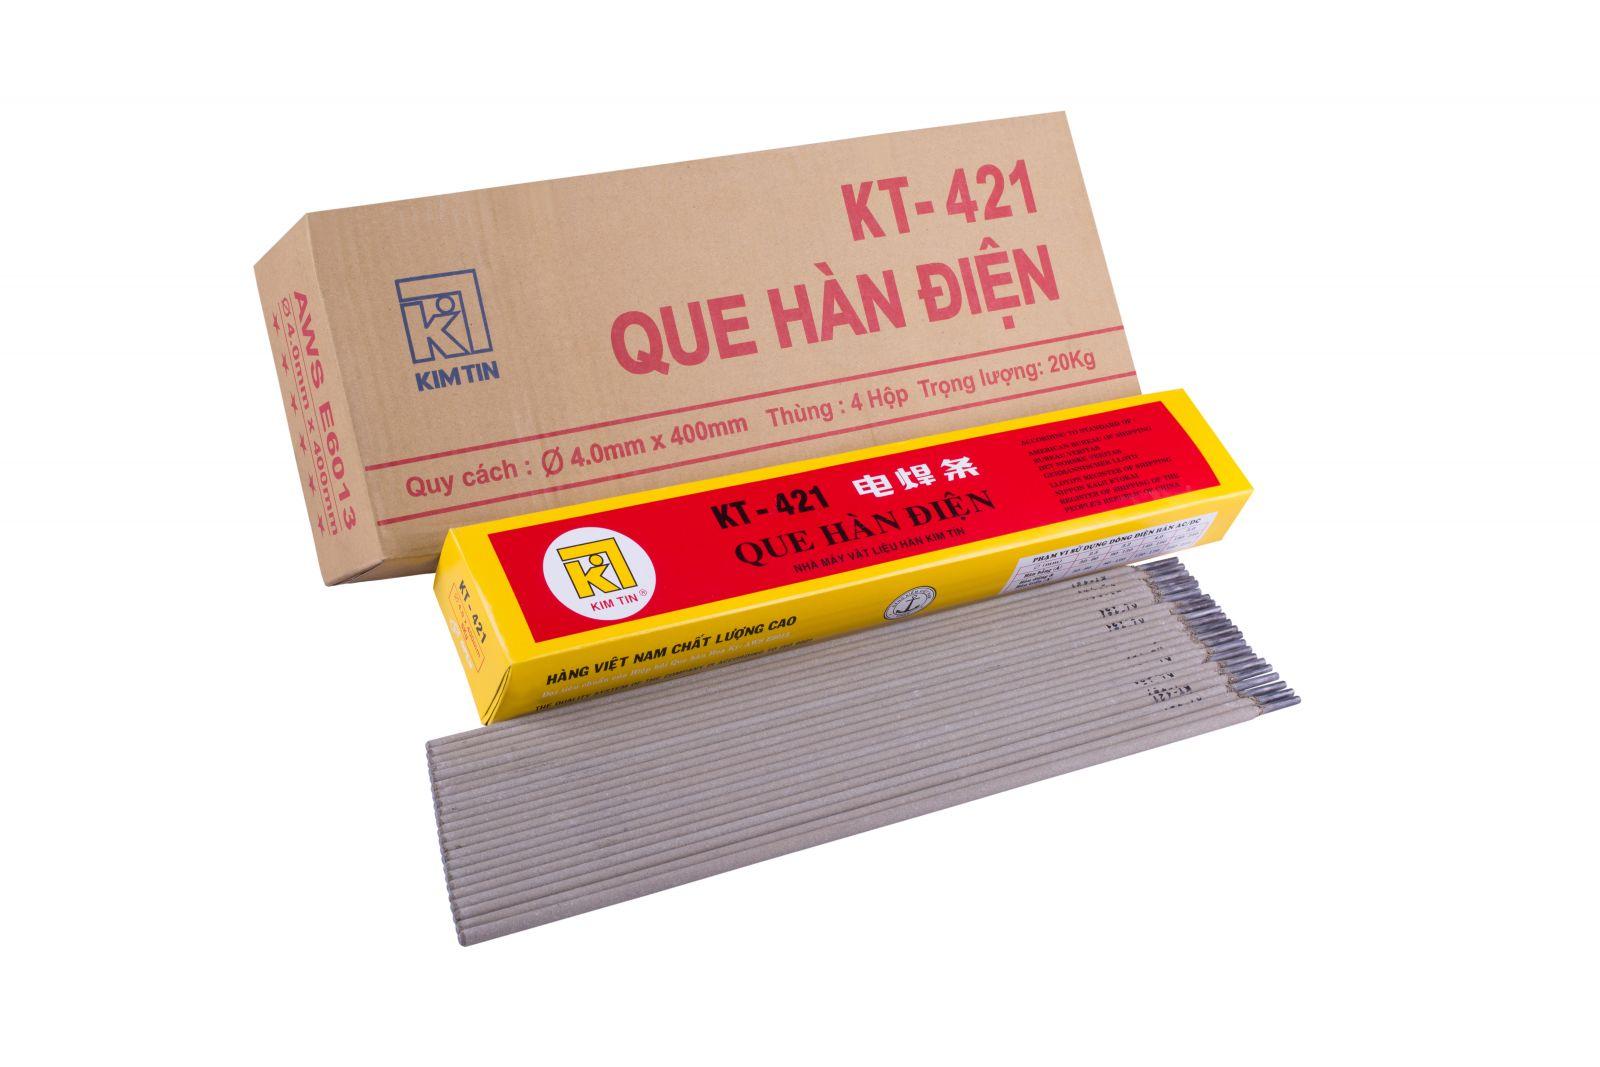 Thùng que hàn điện 2.5x300mm KT-421 Kim Tín(thùng 8 hộp/hộp 2.5Kg)